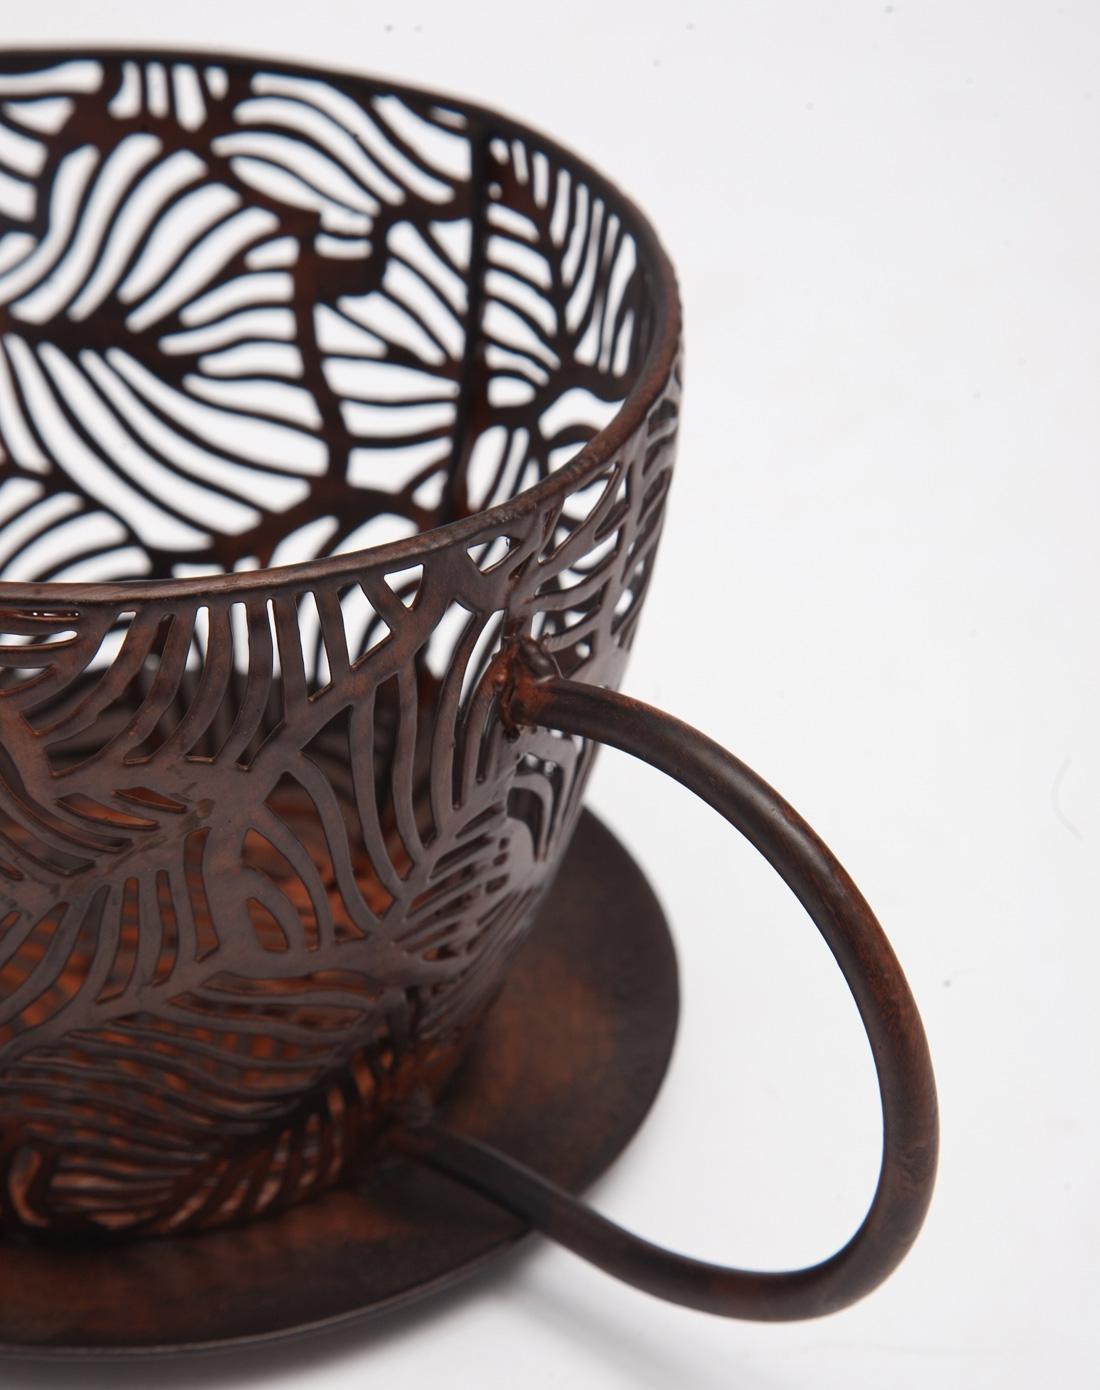 黑色树叶纹铁艺咖啡杯造型花盆架